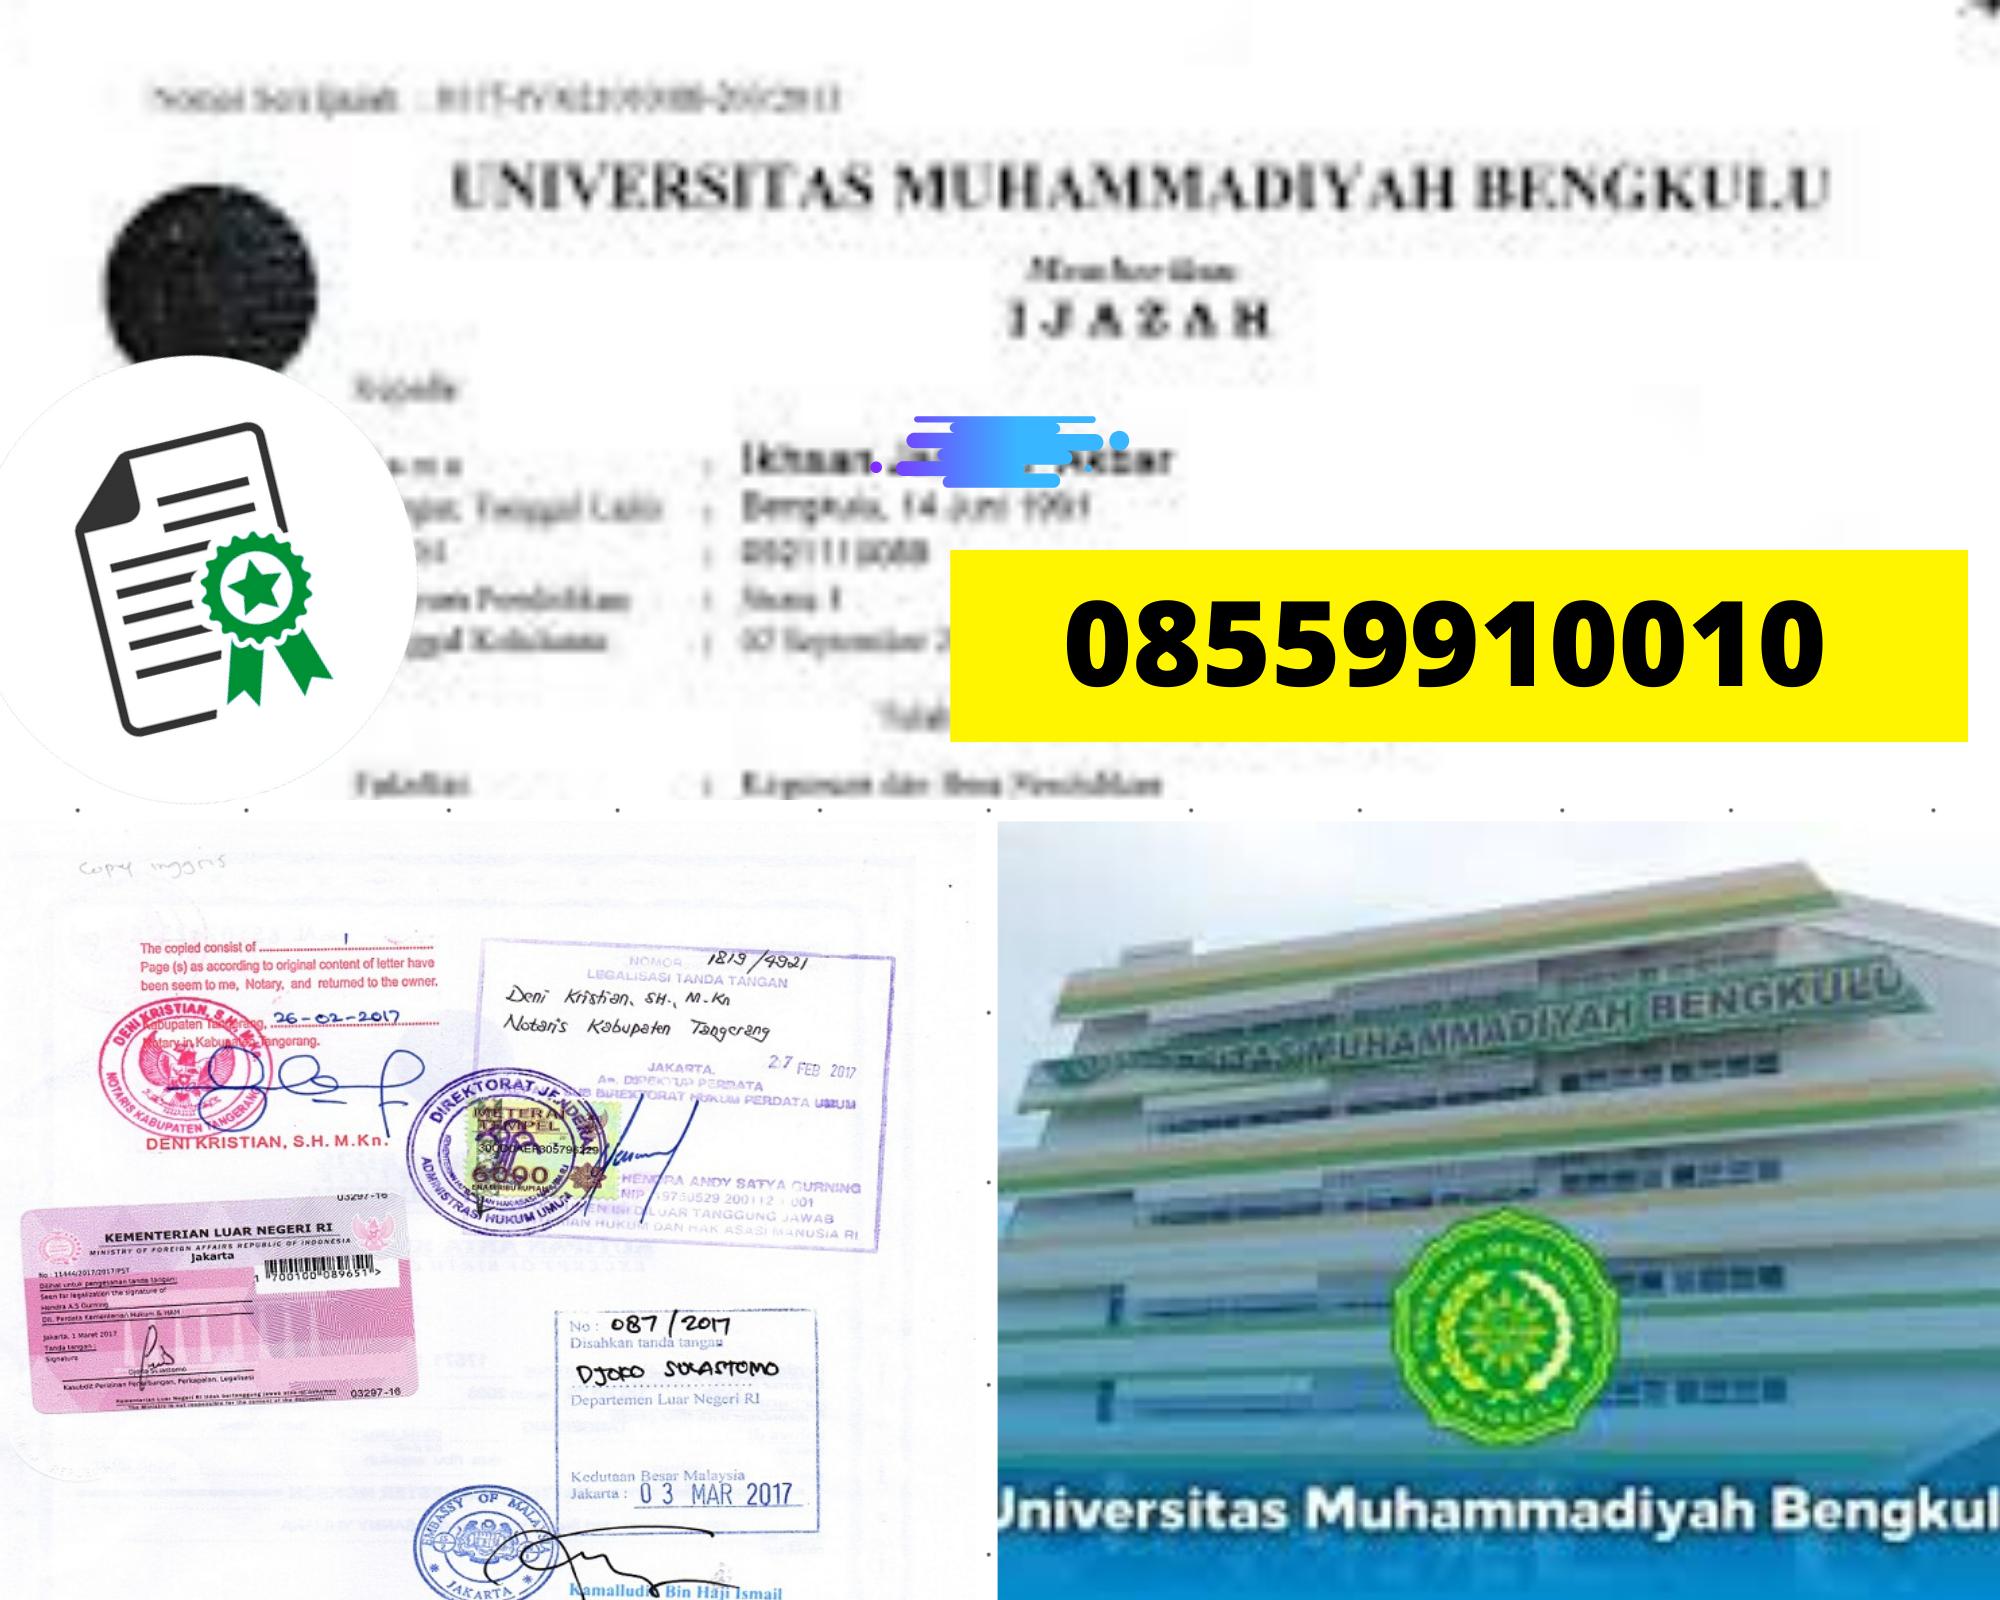 Legalisir Ijazah Universita Muhammadiyah Bengkulu  Di Kemenristek Dikti || 08559910010